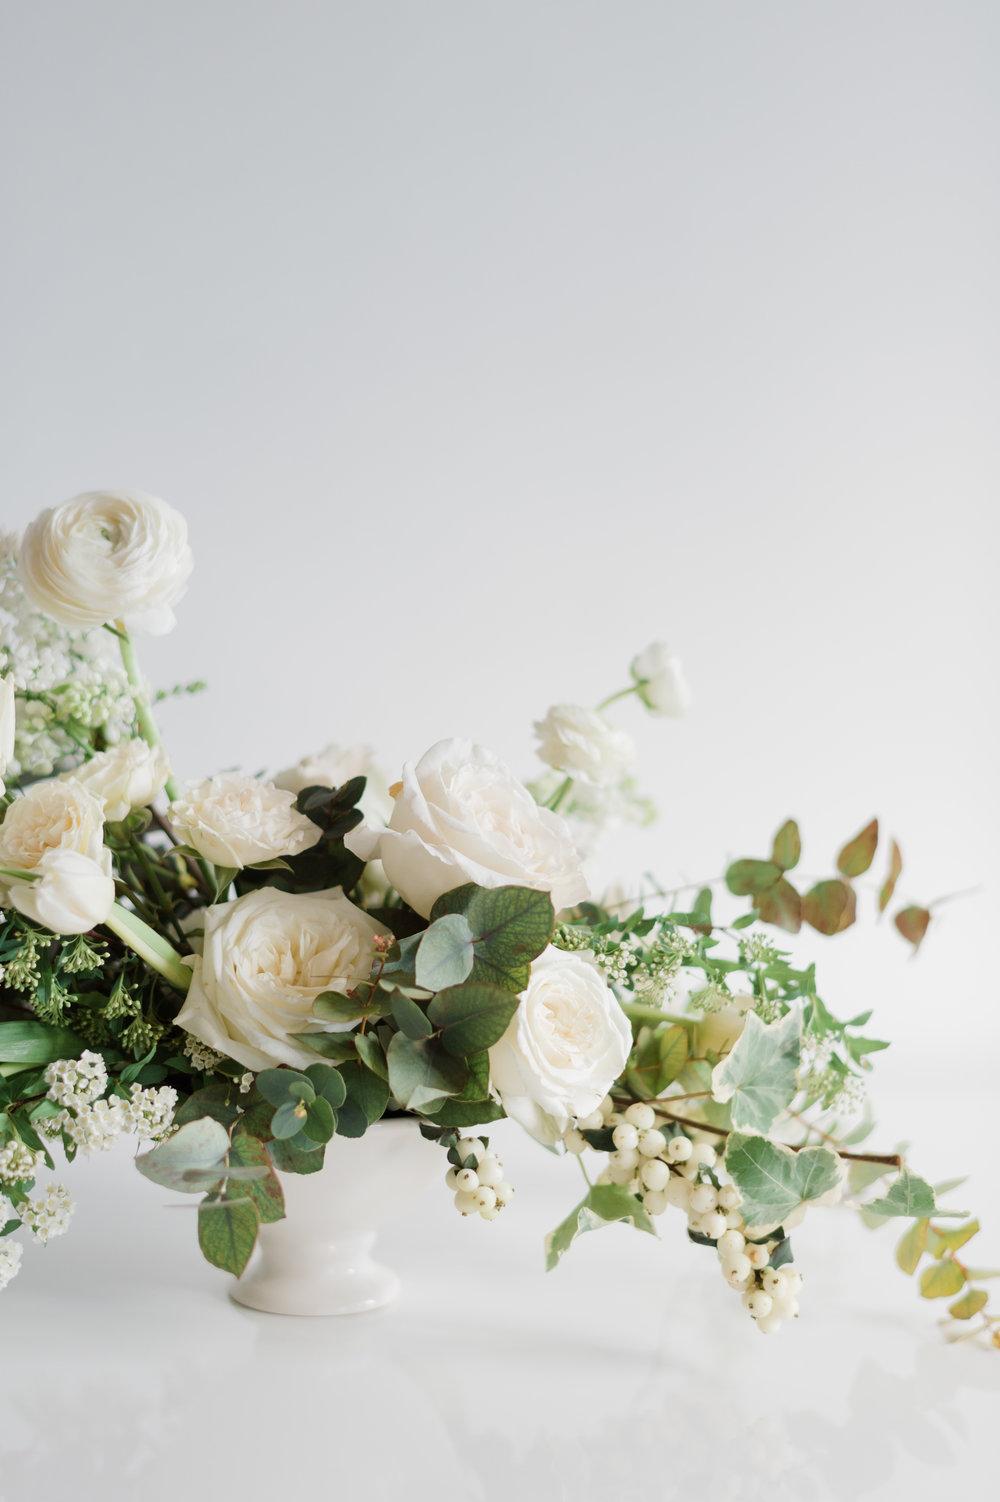 Kristen Honeycutt Photo Co.-115.jpg